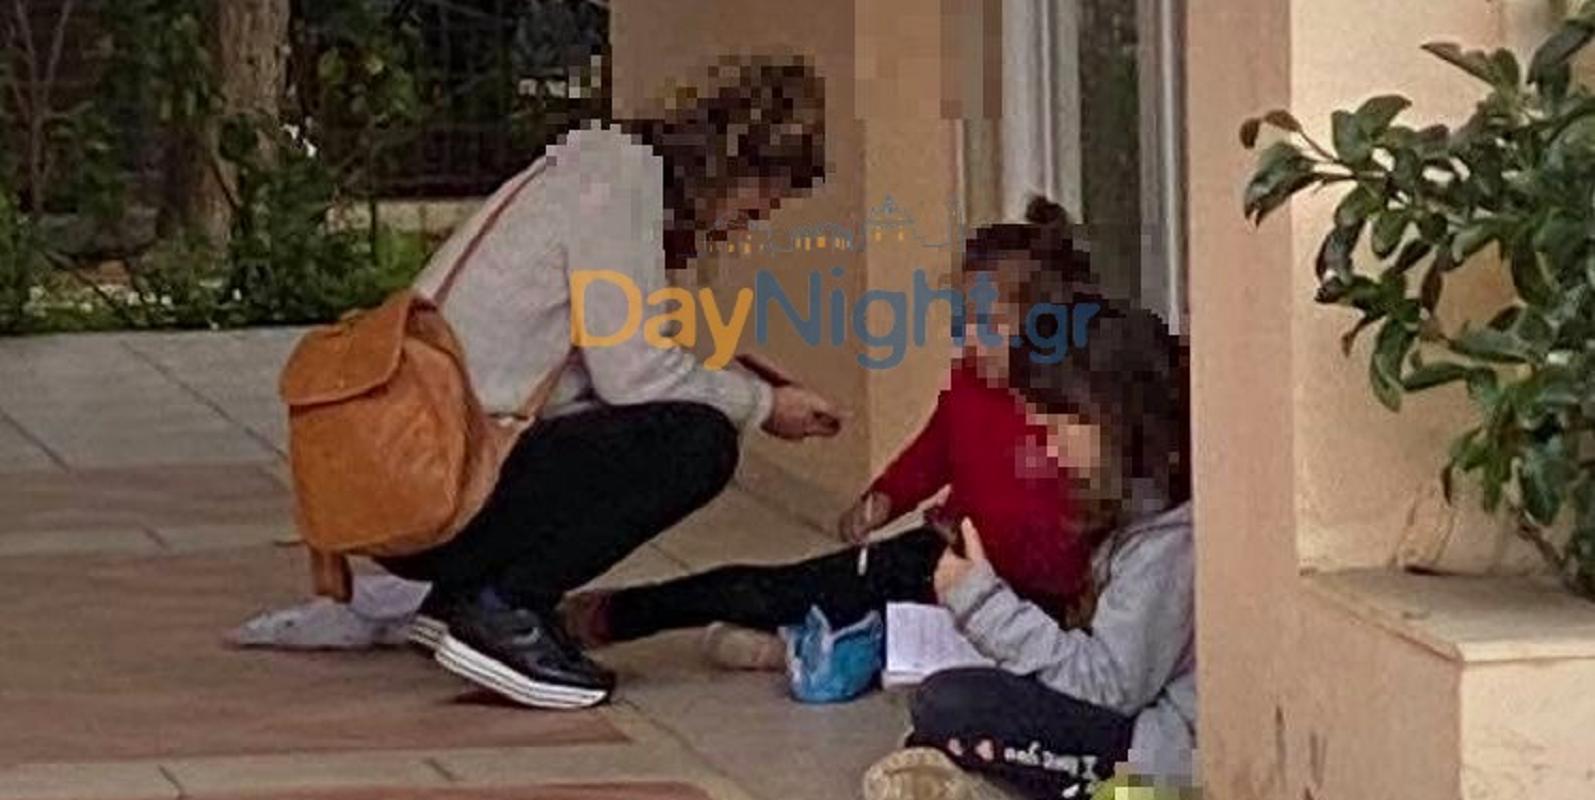 Μητέρα με 2 παιδιά σε πεζούλι για να παρακολουθήσουν τα μαθήματα (1)